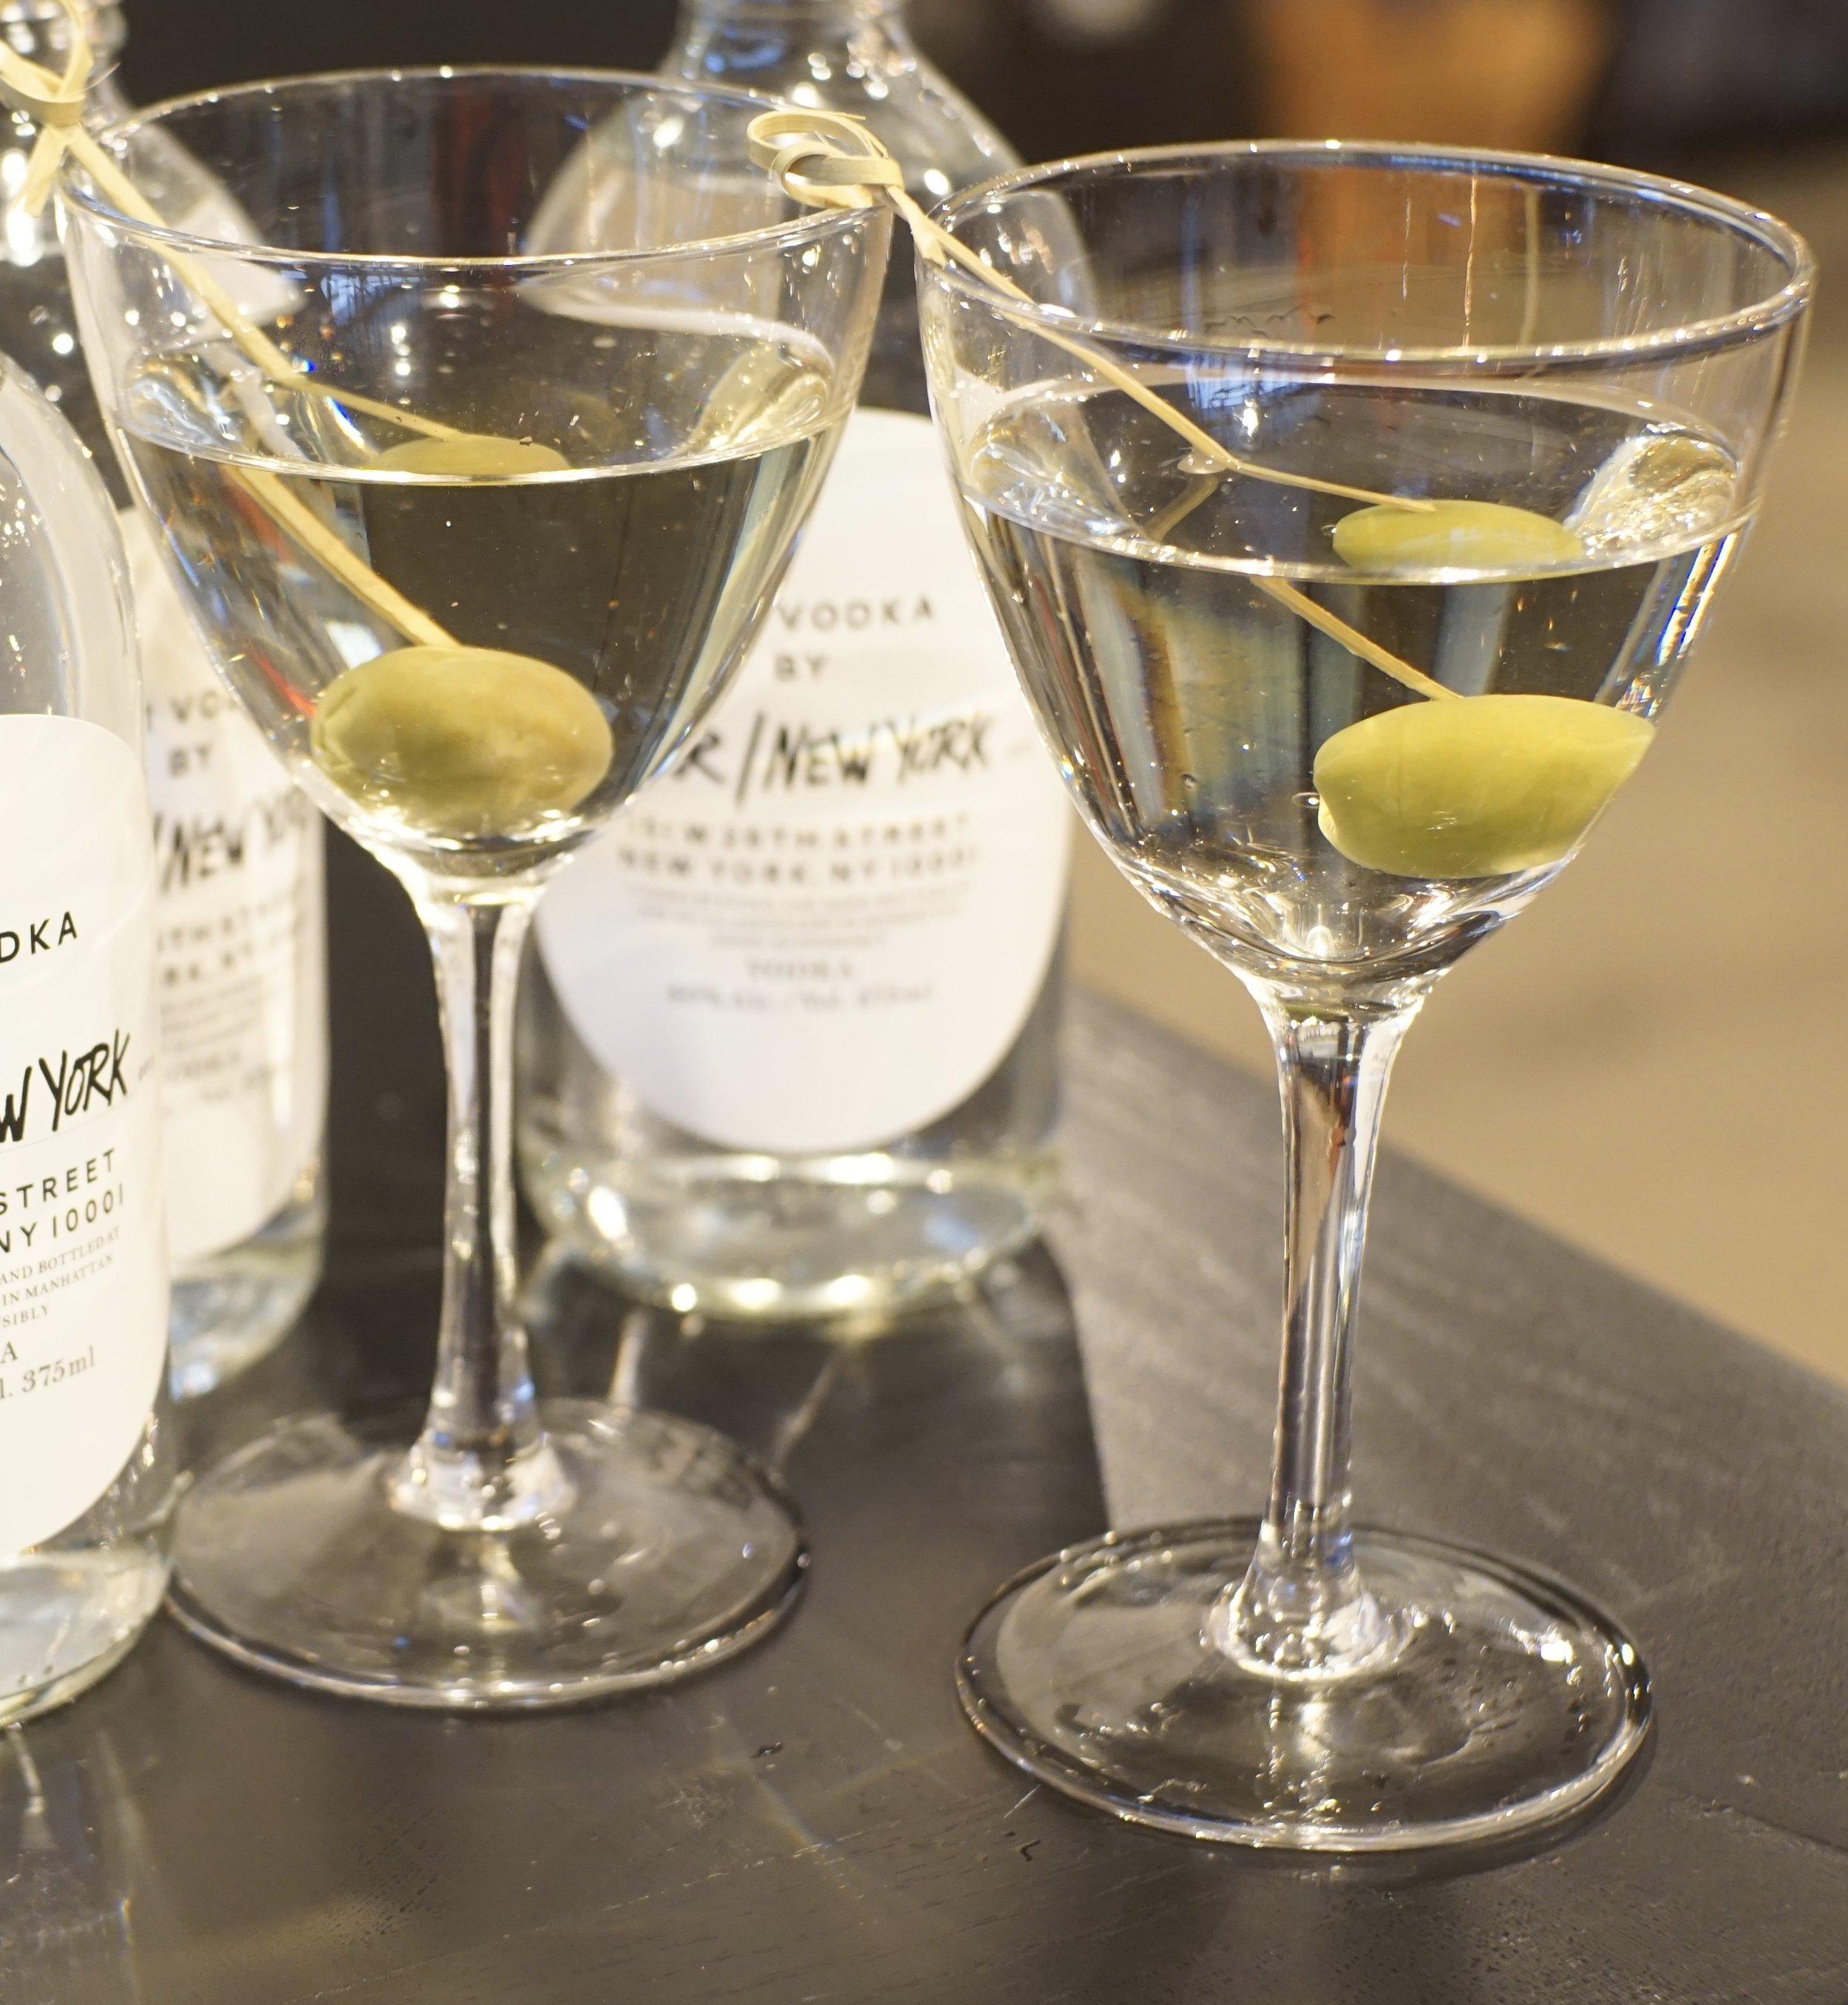 Our/Cocktails - Our/Martini2oz Our/New York Vodka1/2 oz Fino Sherry1/2 oz Dry VermouthDash of Orange BitteresCastelvertrano Olive